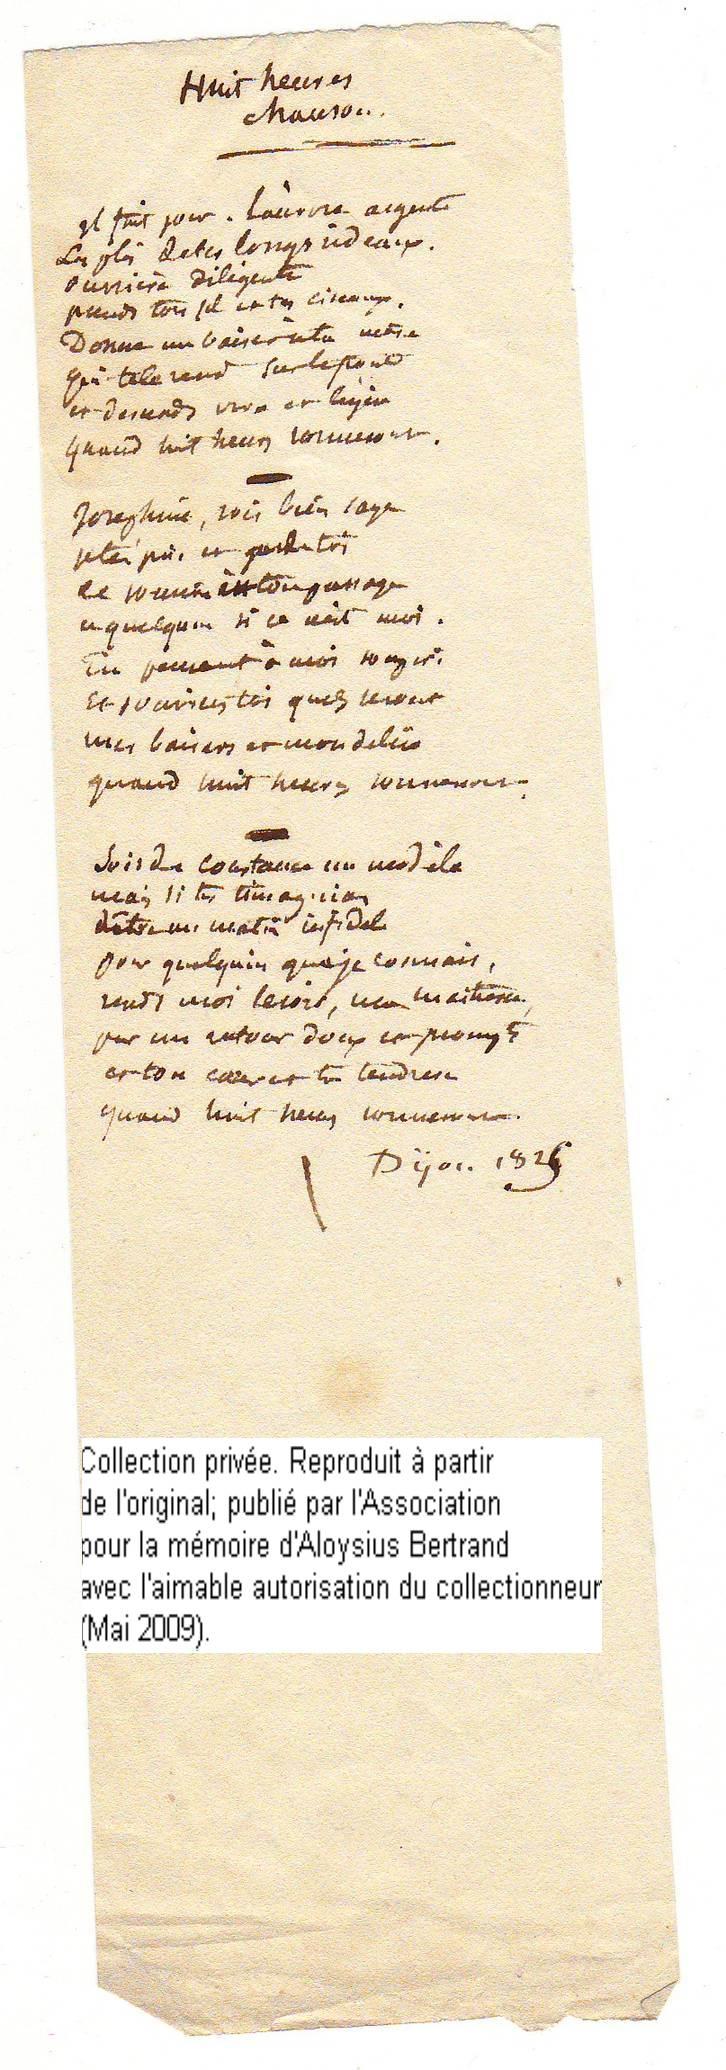 Second poème autographe connu de Louis Bertrand